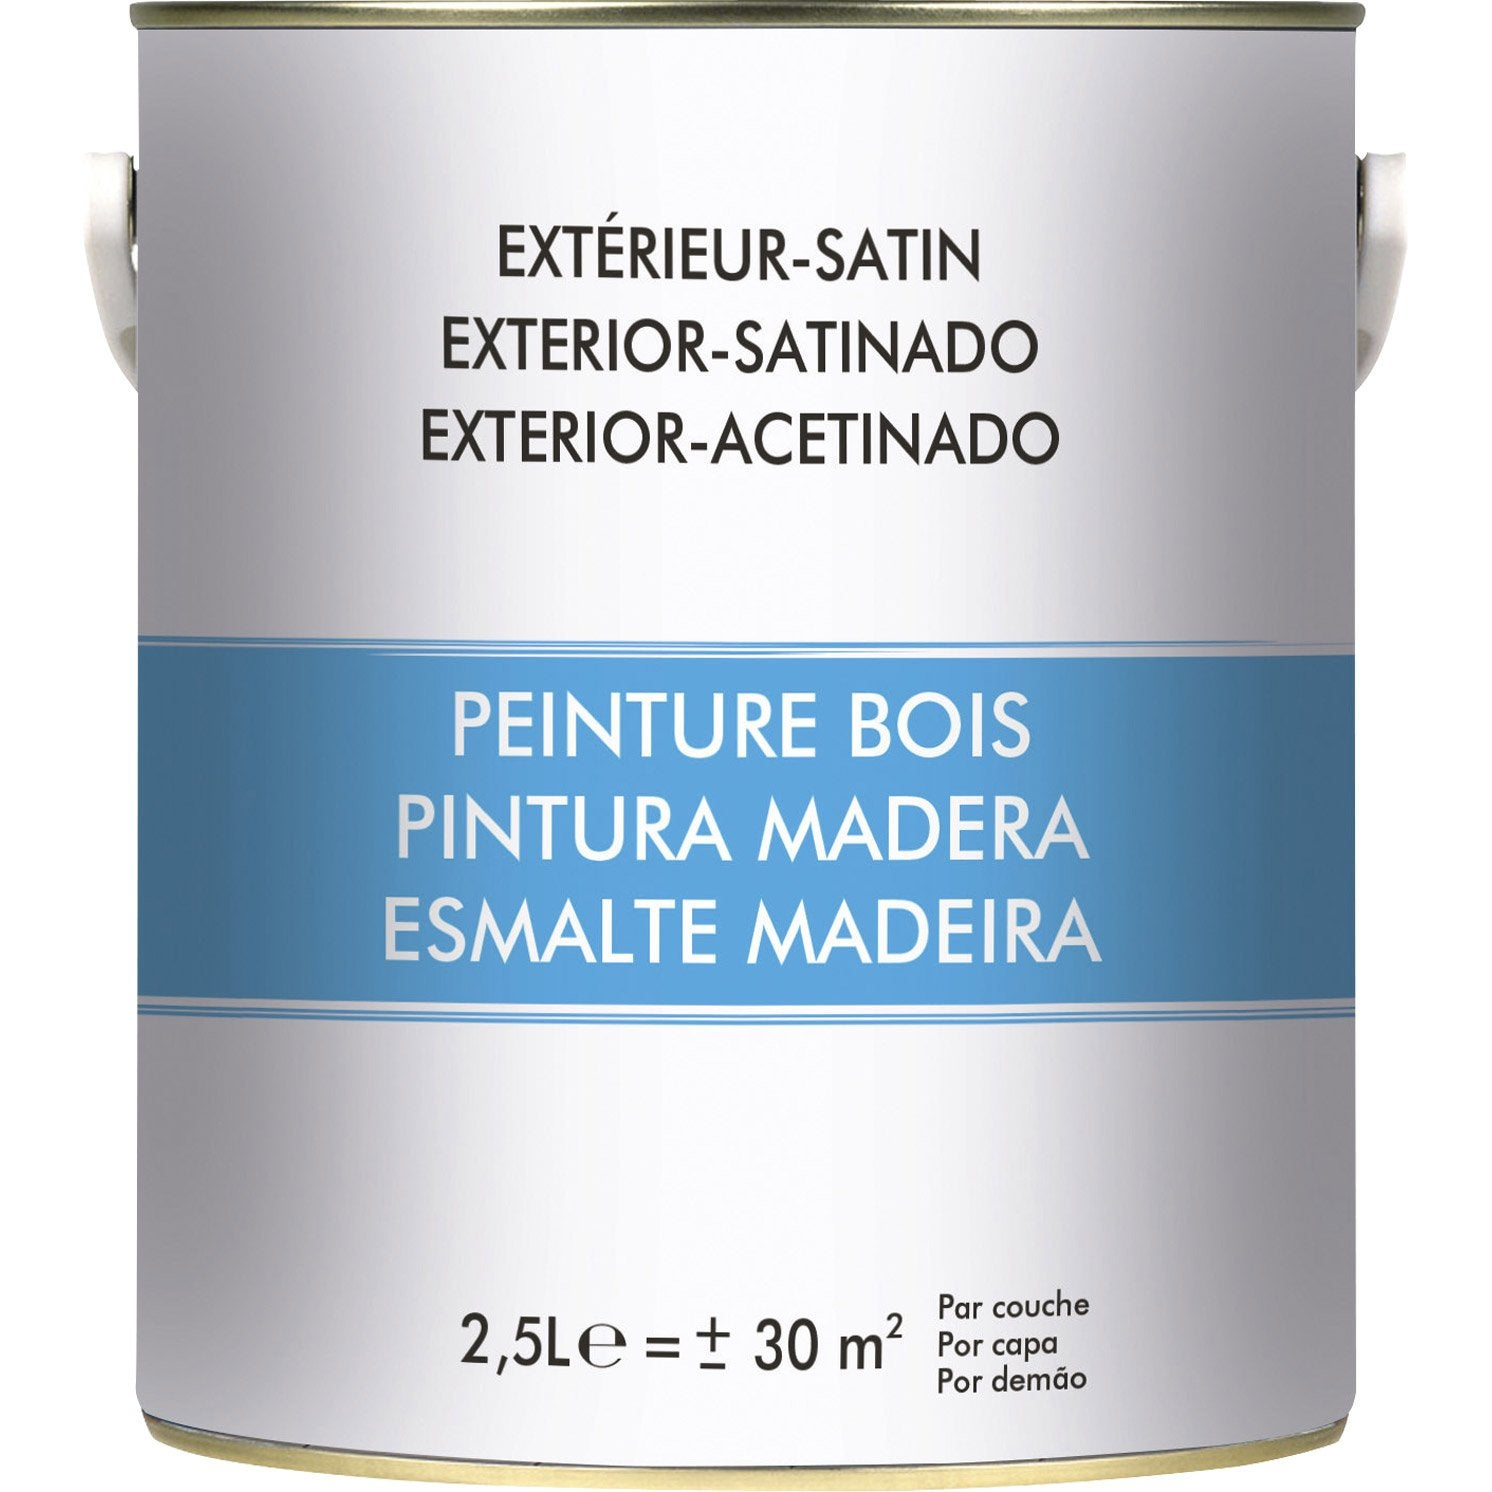 Peinture bois extérieur, blanc, 2.5 l | Leroy Merlin